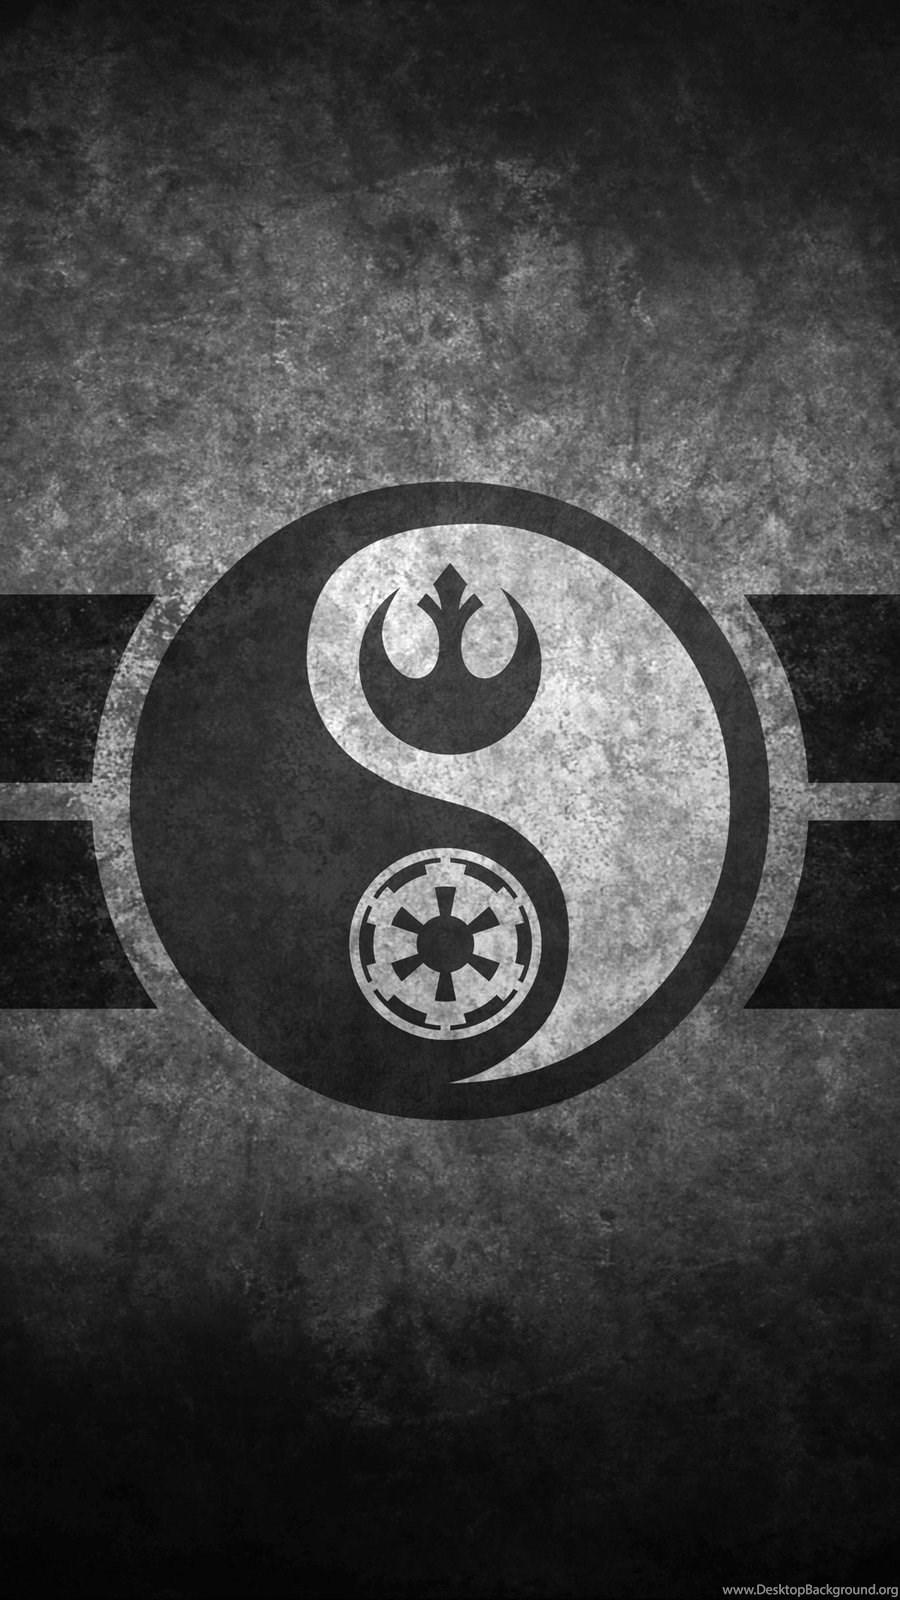 Yin Yang Iphone 4 Wallpapers Jedi Symbol 900x1600 Download Hd Wallpaper Wallpapertip